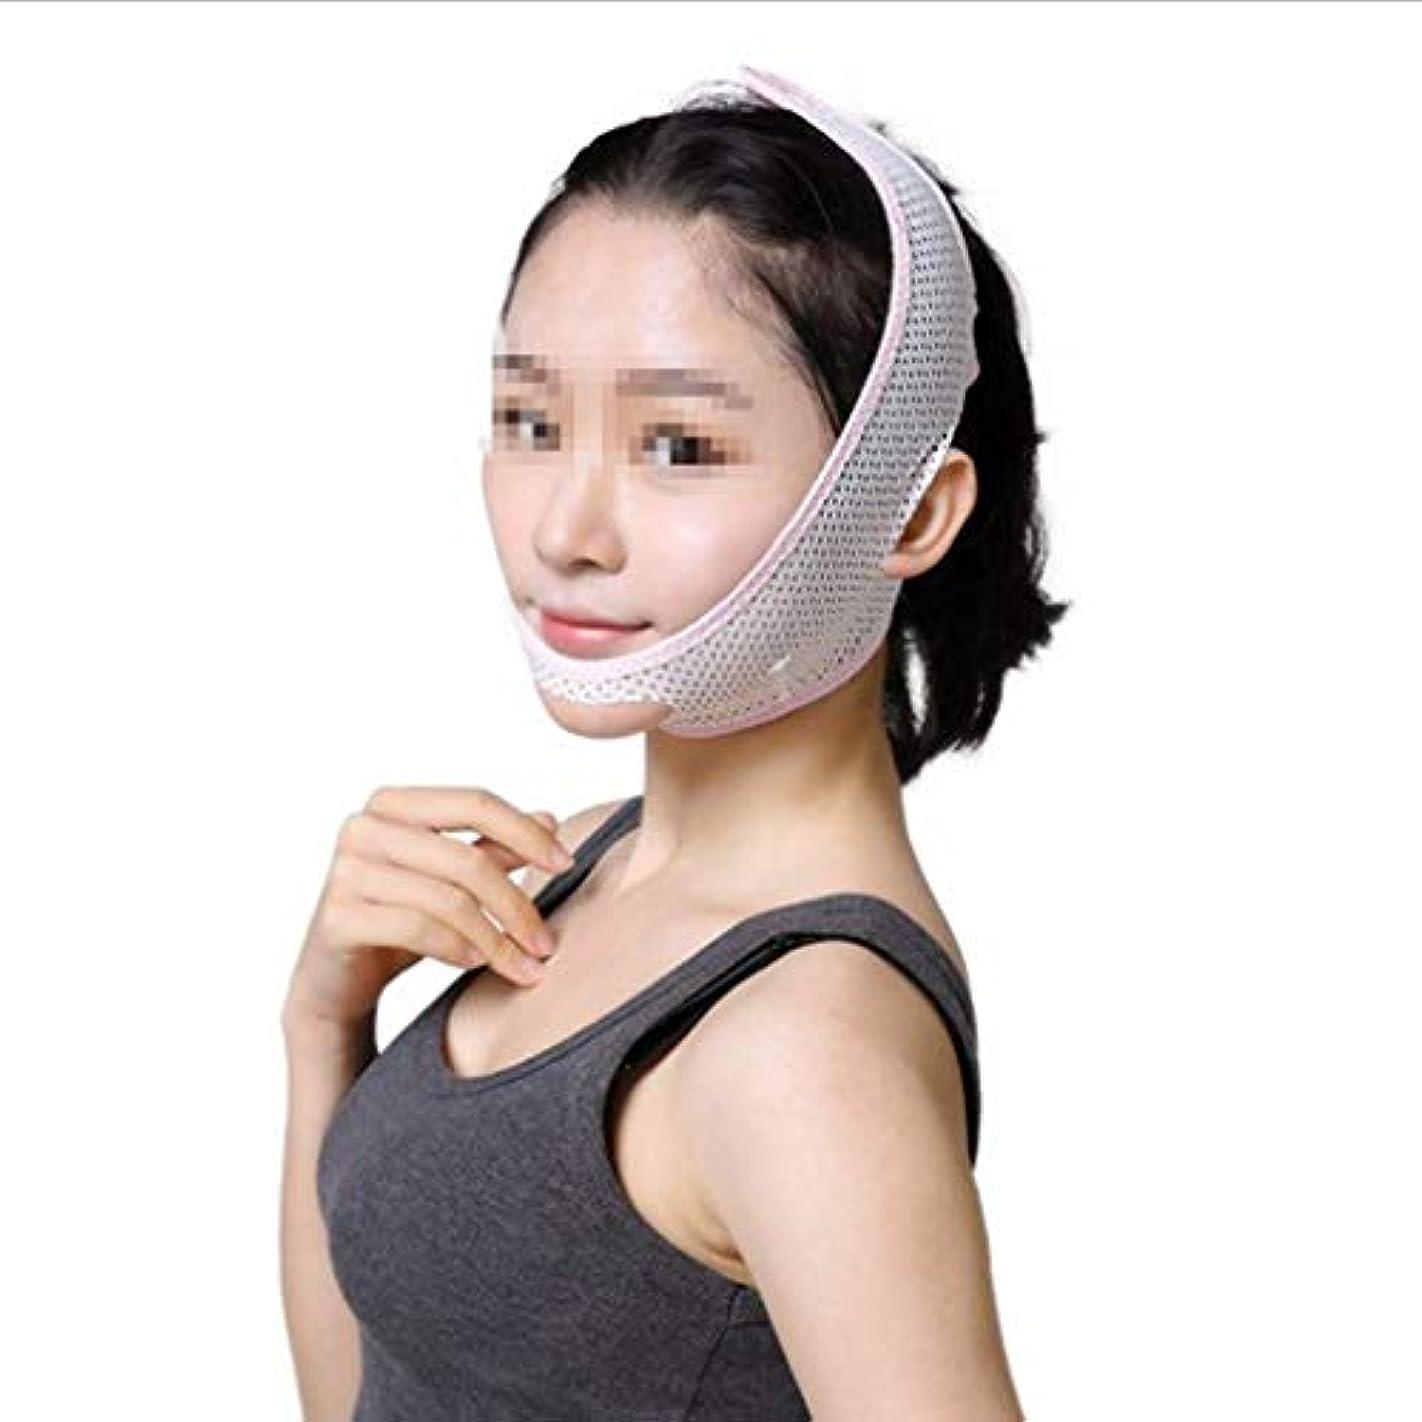 ベアリングサークル最後の交換超薄型通気性フェイスマスク、包帯Vフェイスマスクフェイスリフティングファーミングダブルチンシンフェイスベルト(サイズ:M)